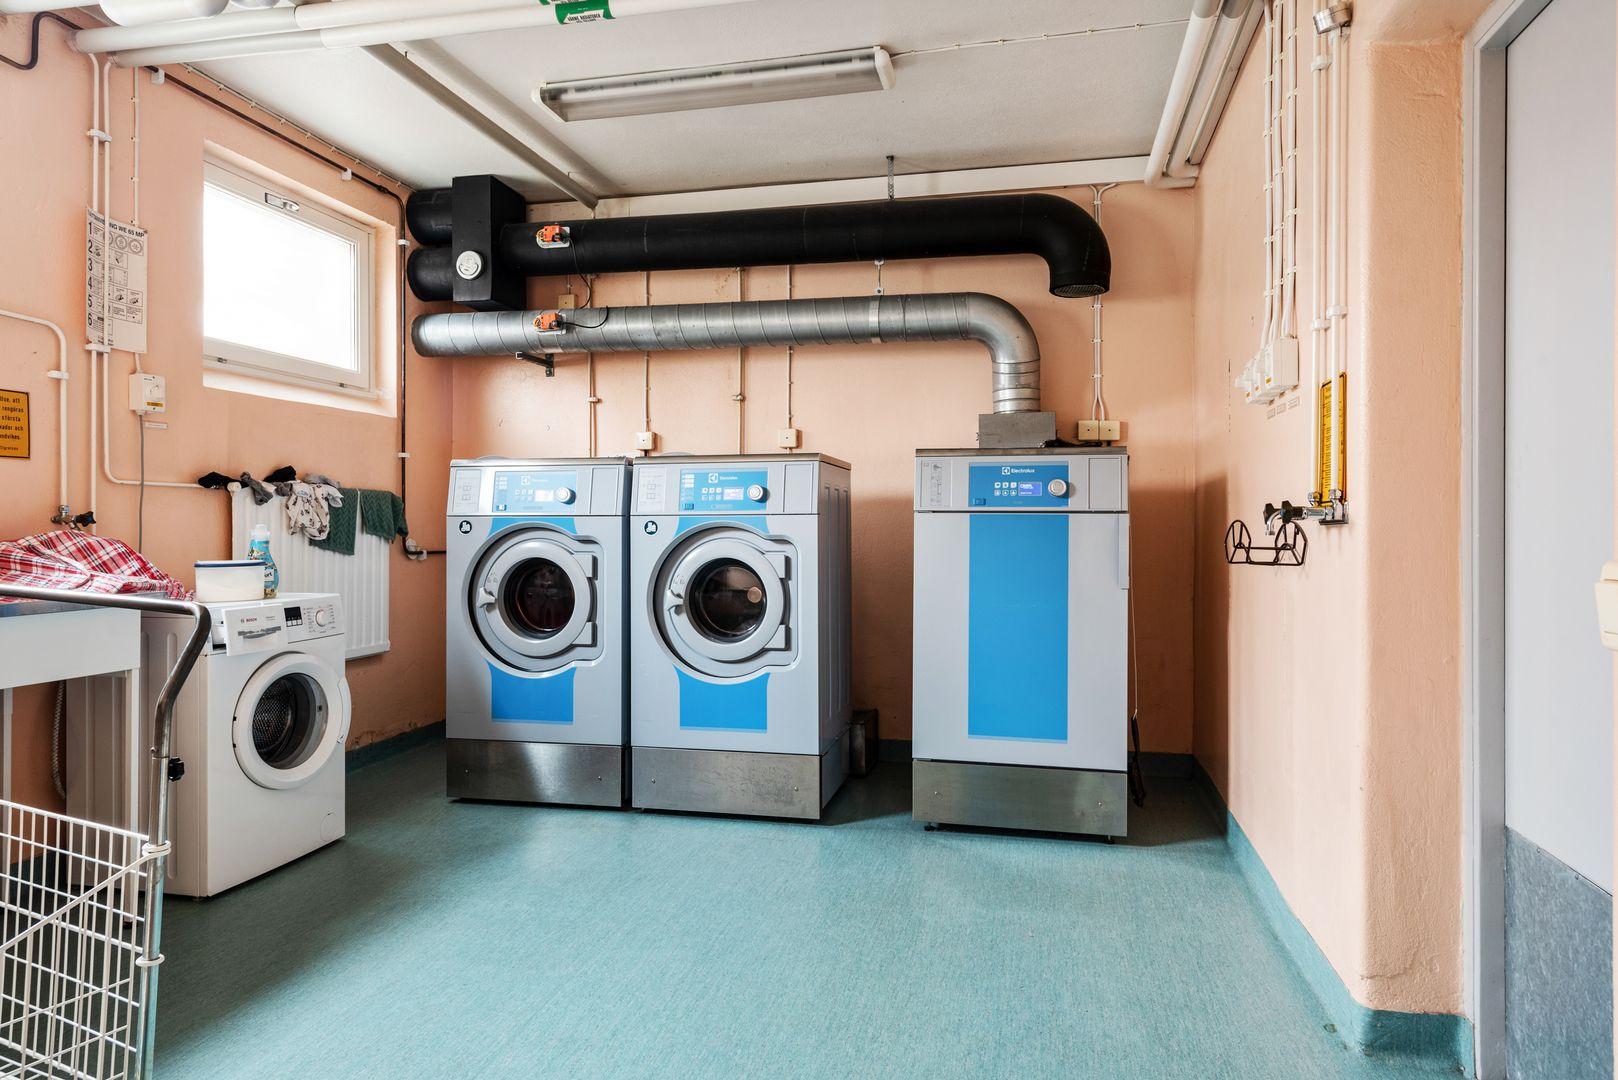 Föreningens tvättstuga i samma hus